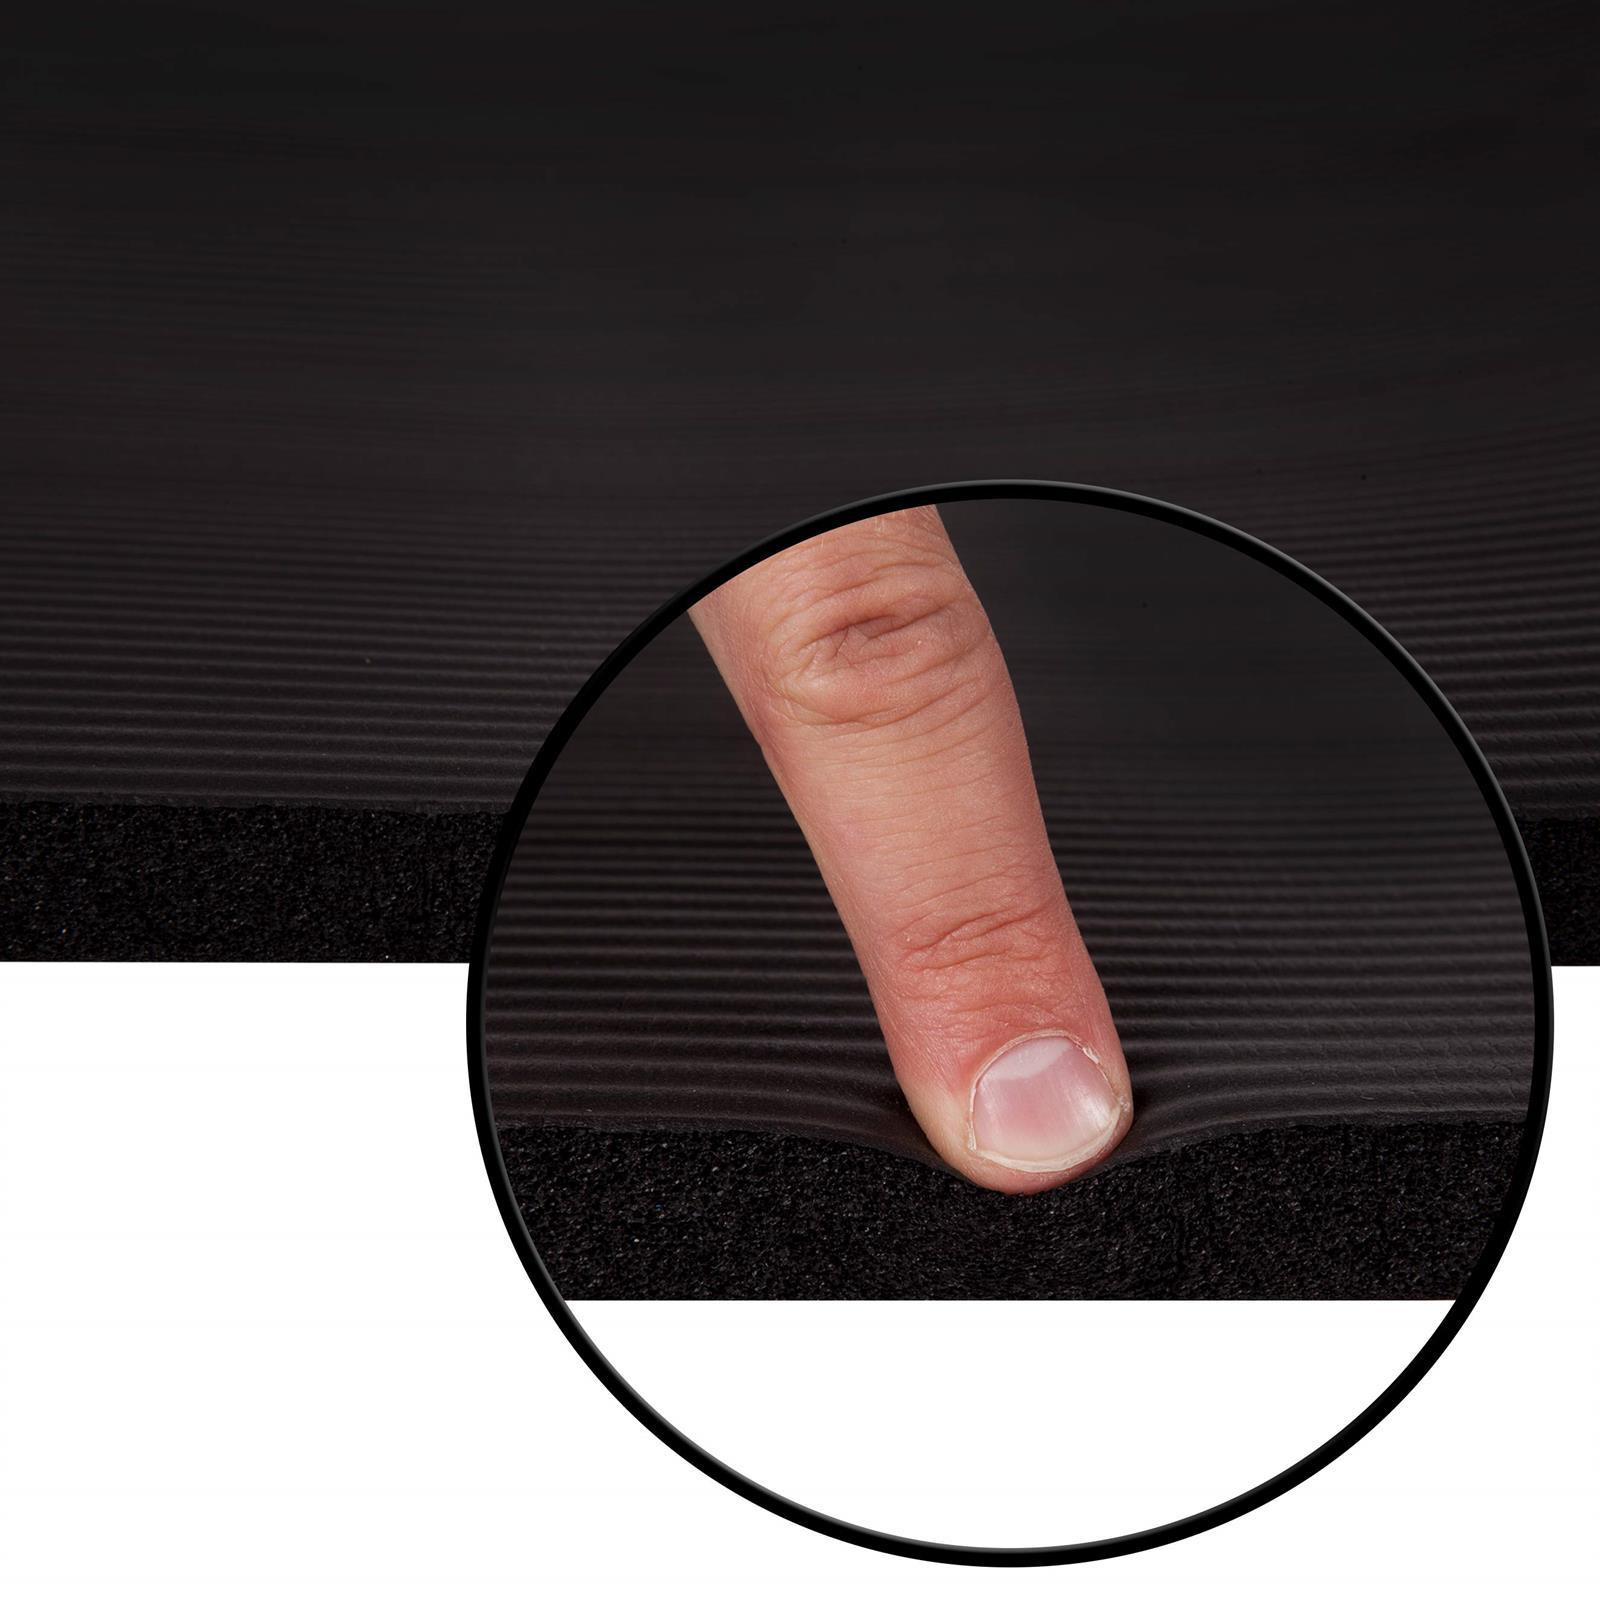 ScSPORTS-Gymnastikmatte-Fitnessmatte-Yogamatte-Turnmatte-190-x-60-x-1-5-cm Indexbild 7